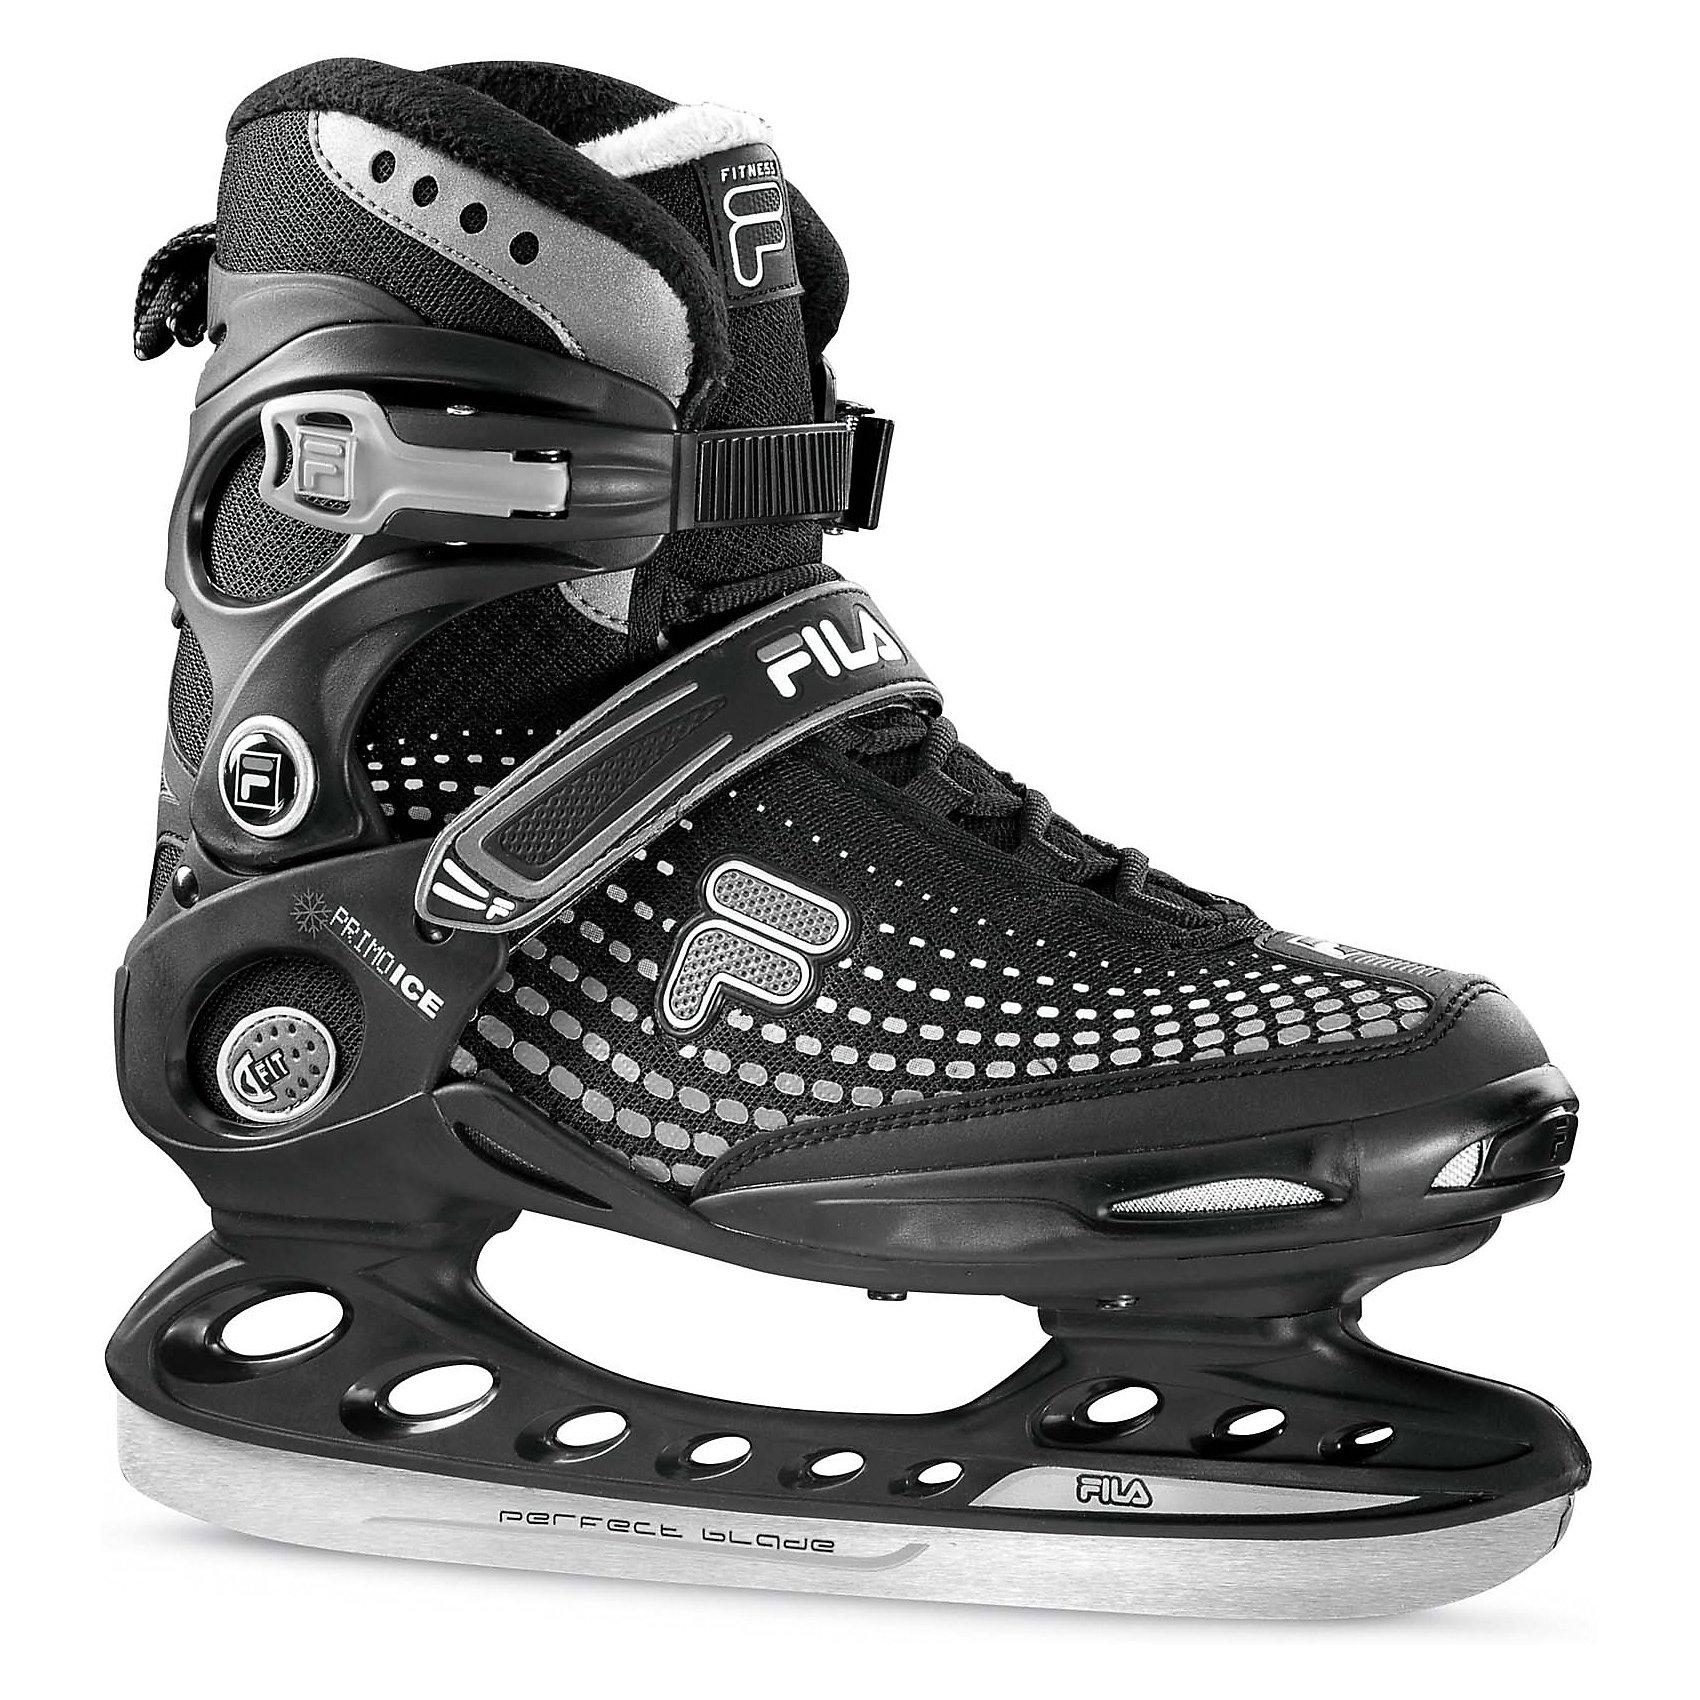 Ледовые коньки Primo Ice, черный/белый, FILA